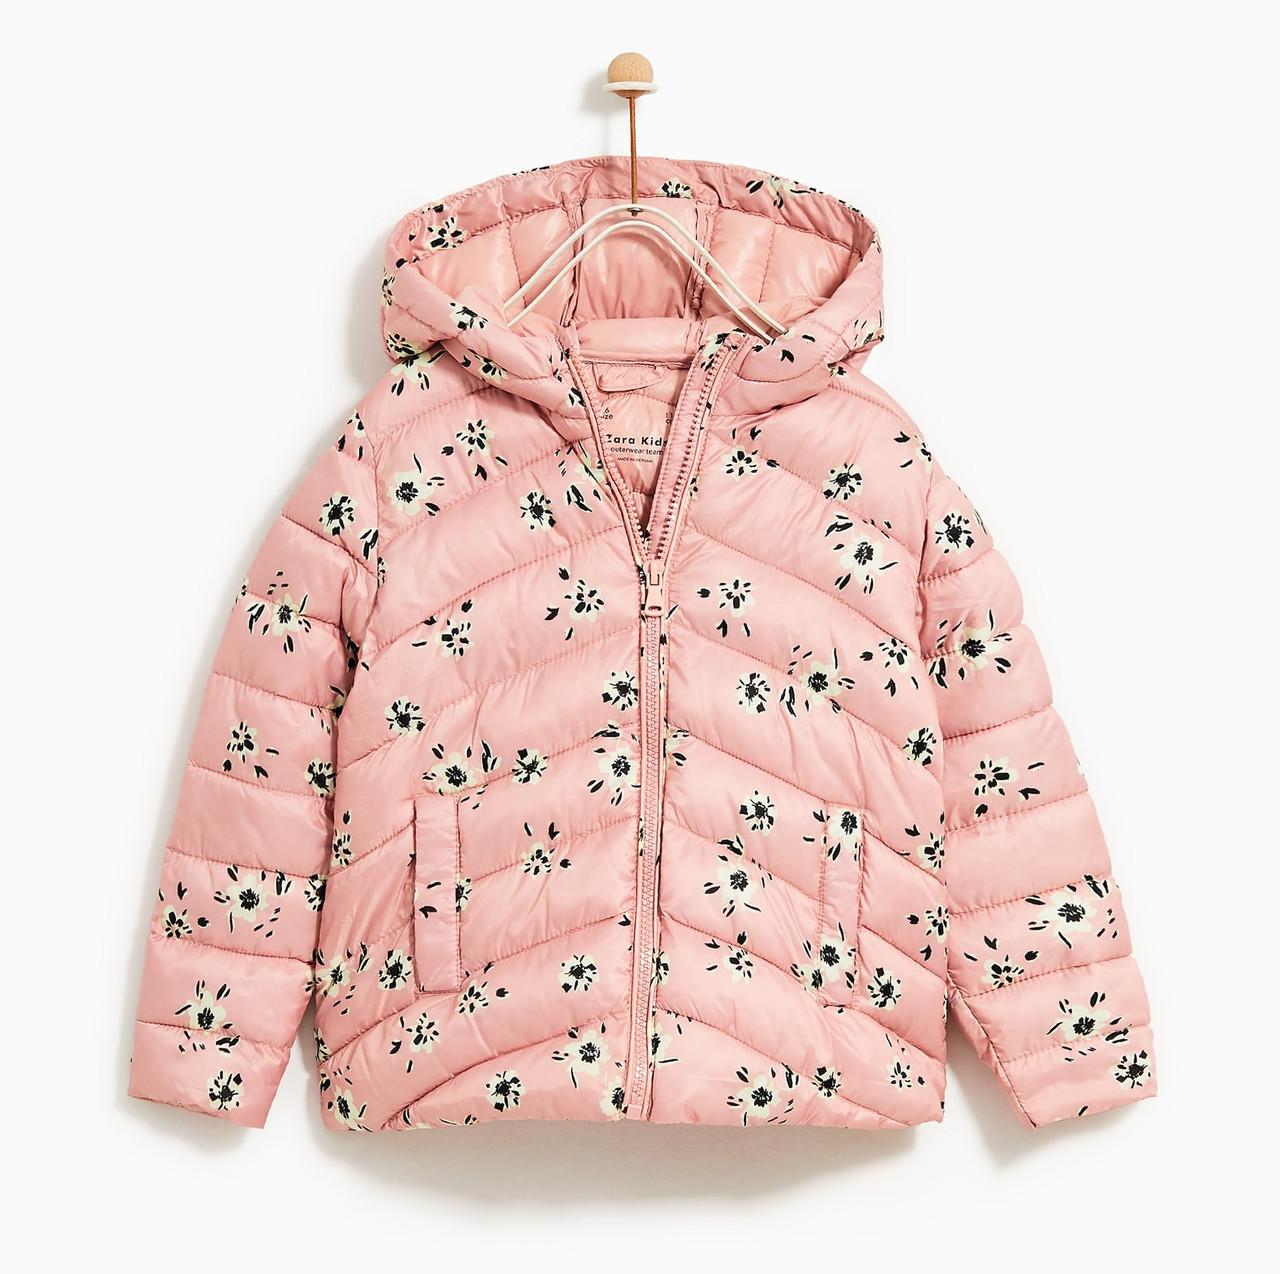 Розовая куртка с цветами для девочки Zara Испания Размер 122, 134